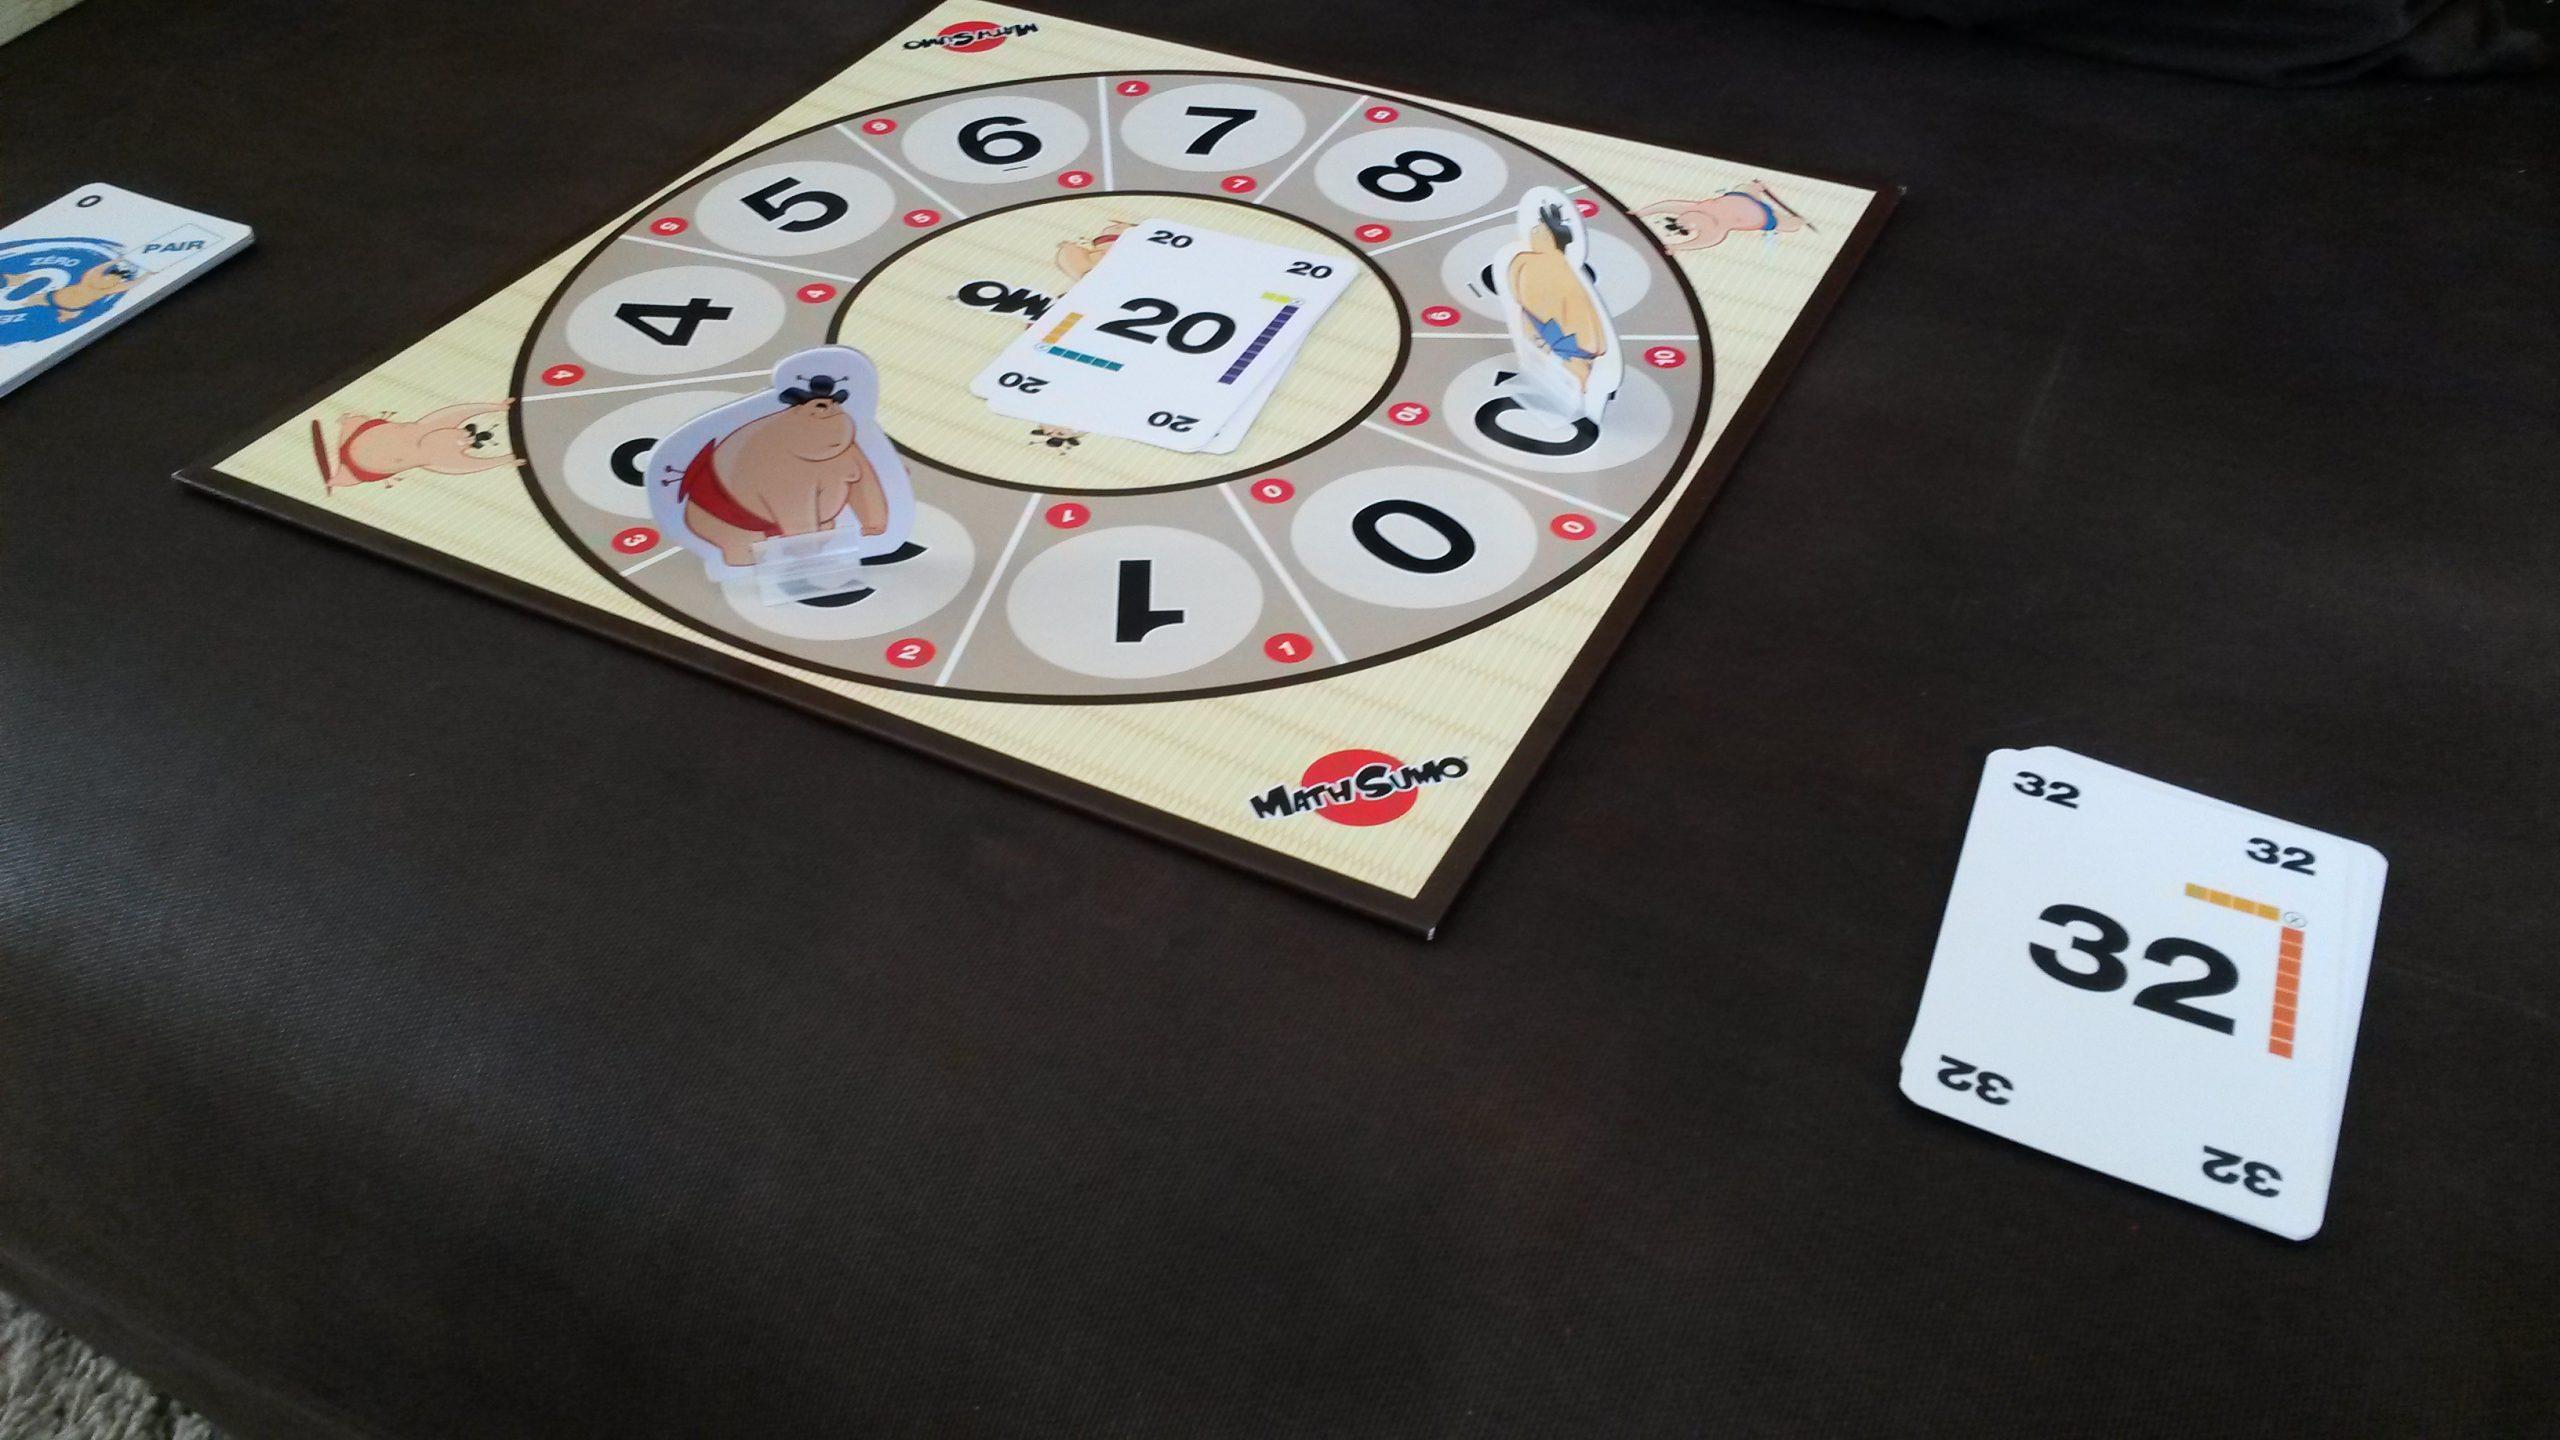 Mathsumo, Jeu Pour Apprendre Les Tables De Multiplication encequiconcerne Apprendre La Table De Multiplication En Jouant